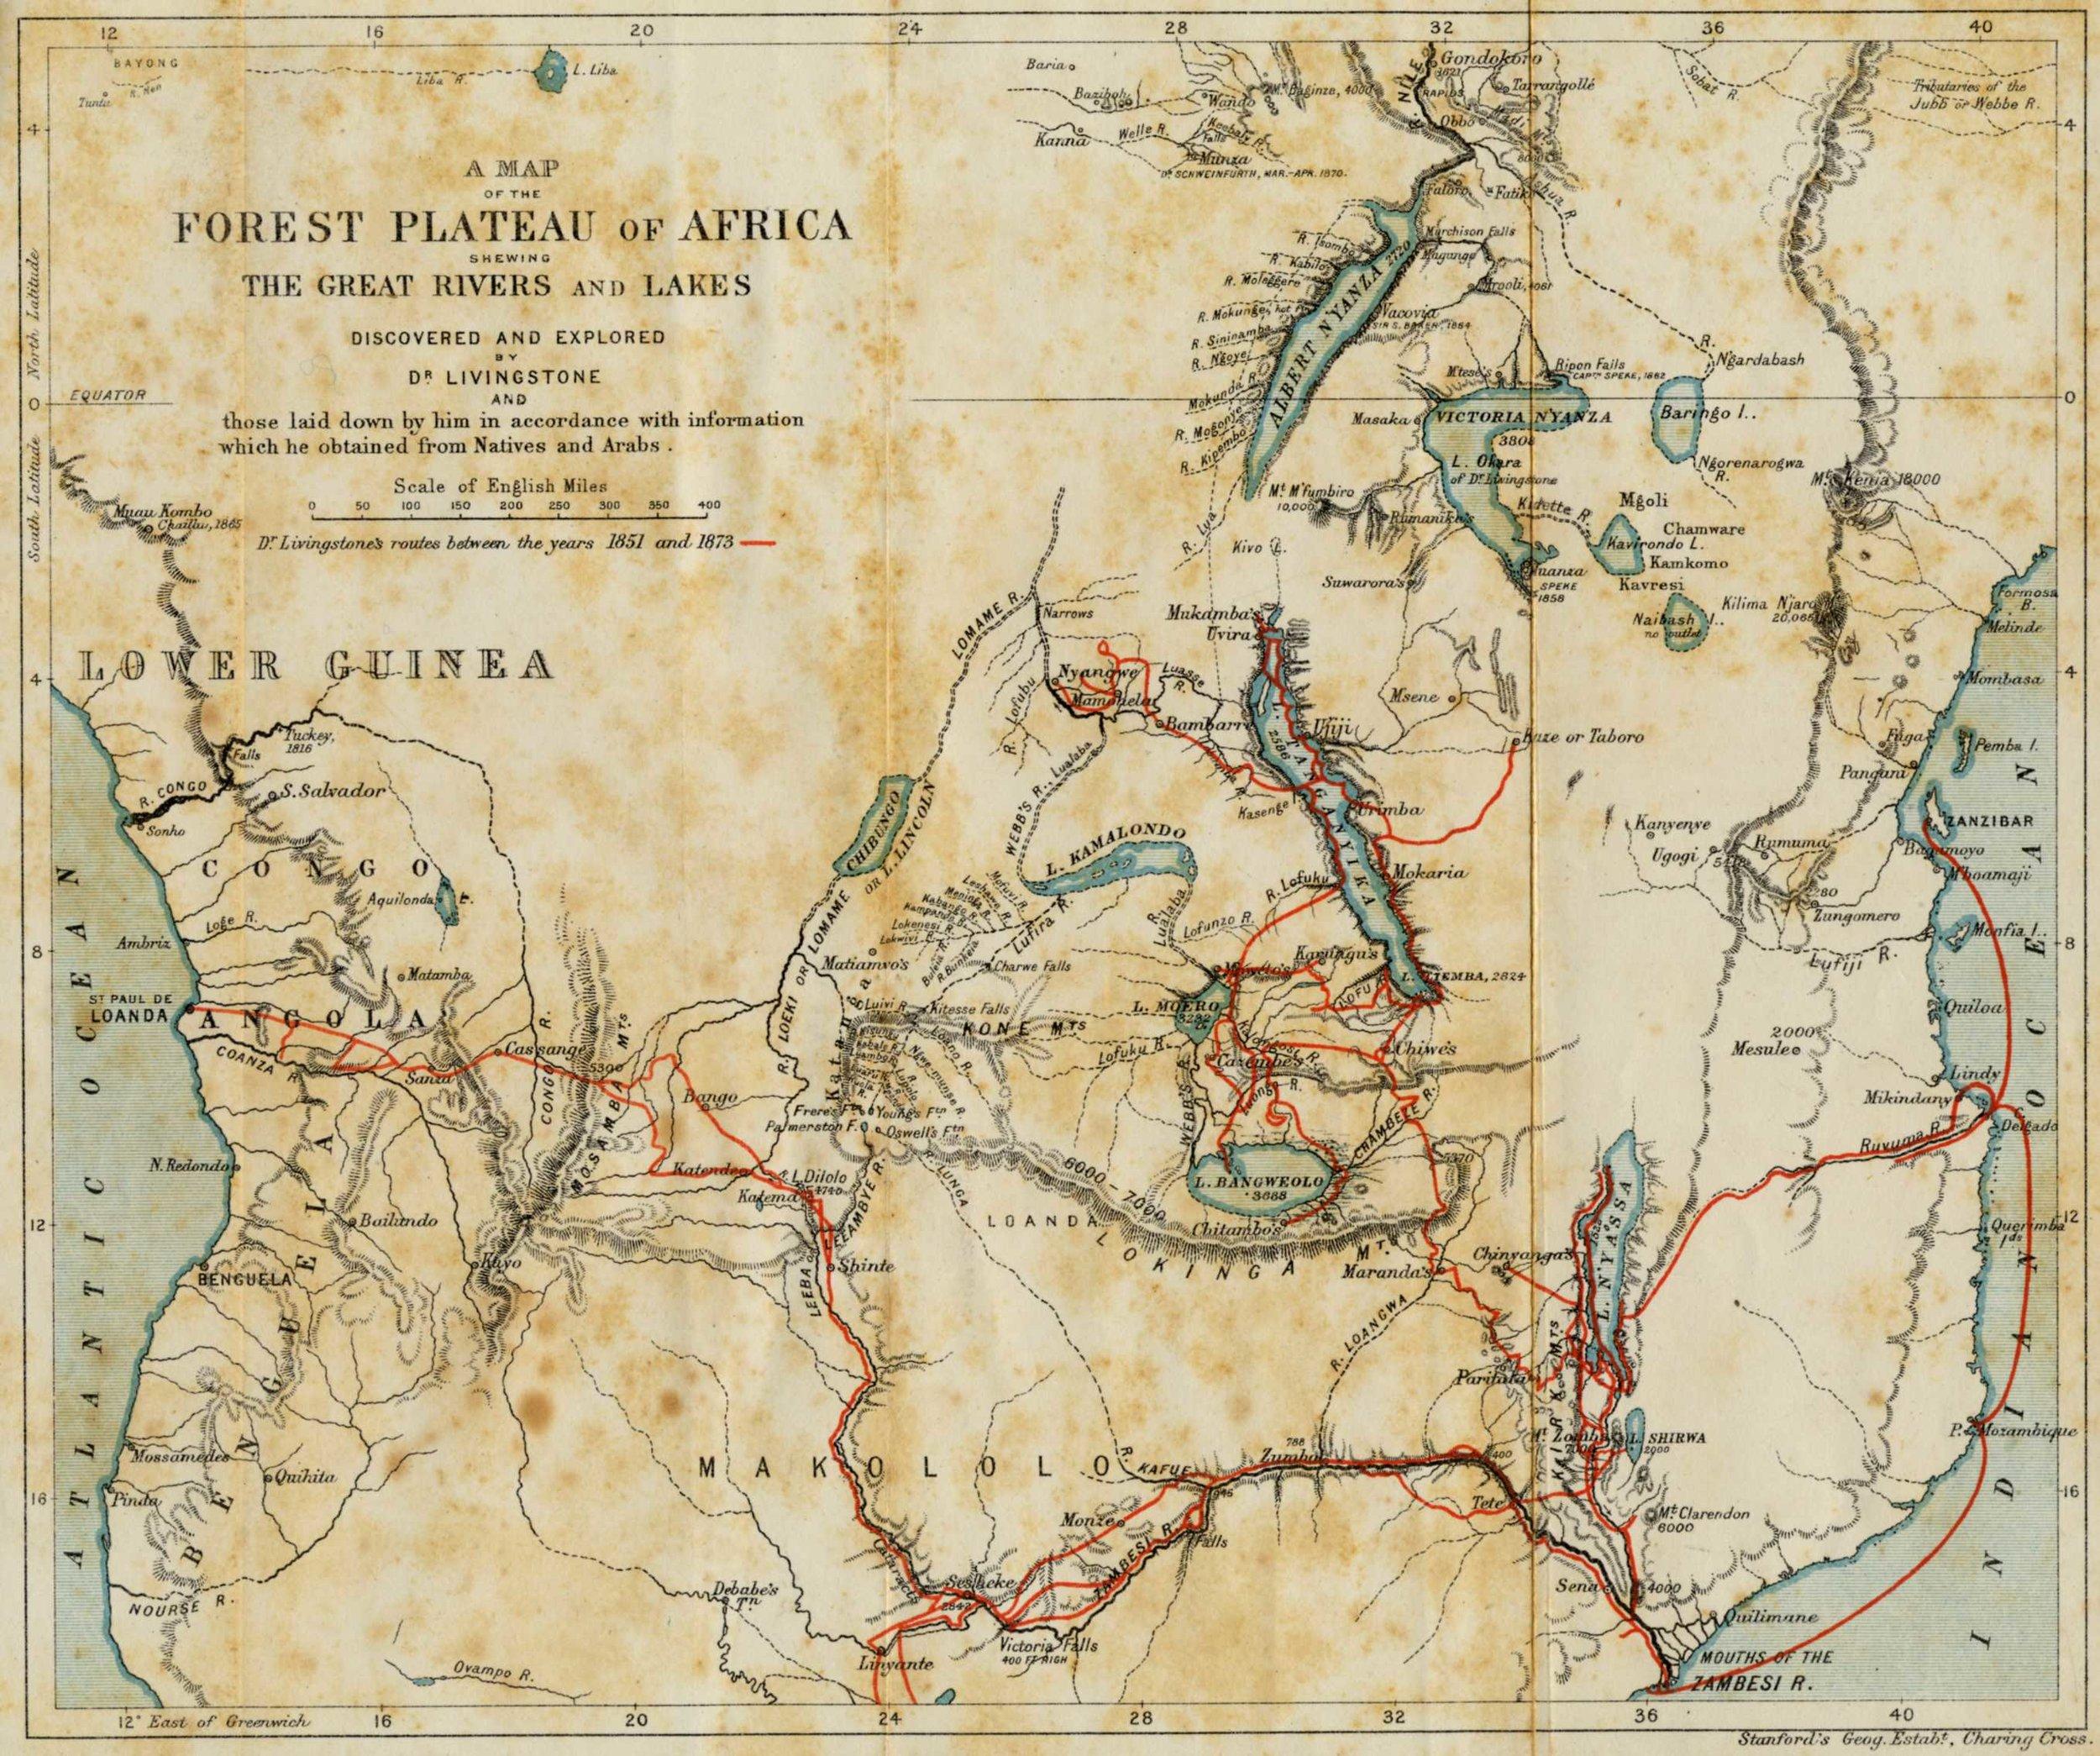 I viaggi di Livingstone in Africa tra il 1851 e il 1873.